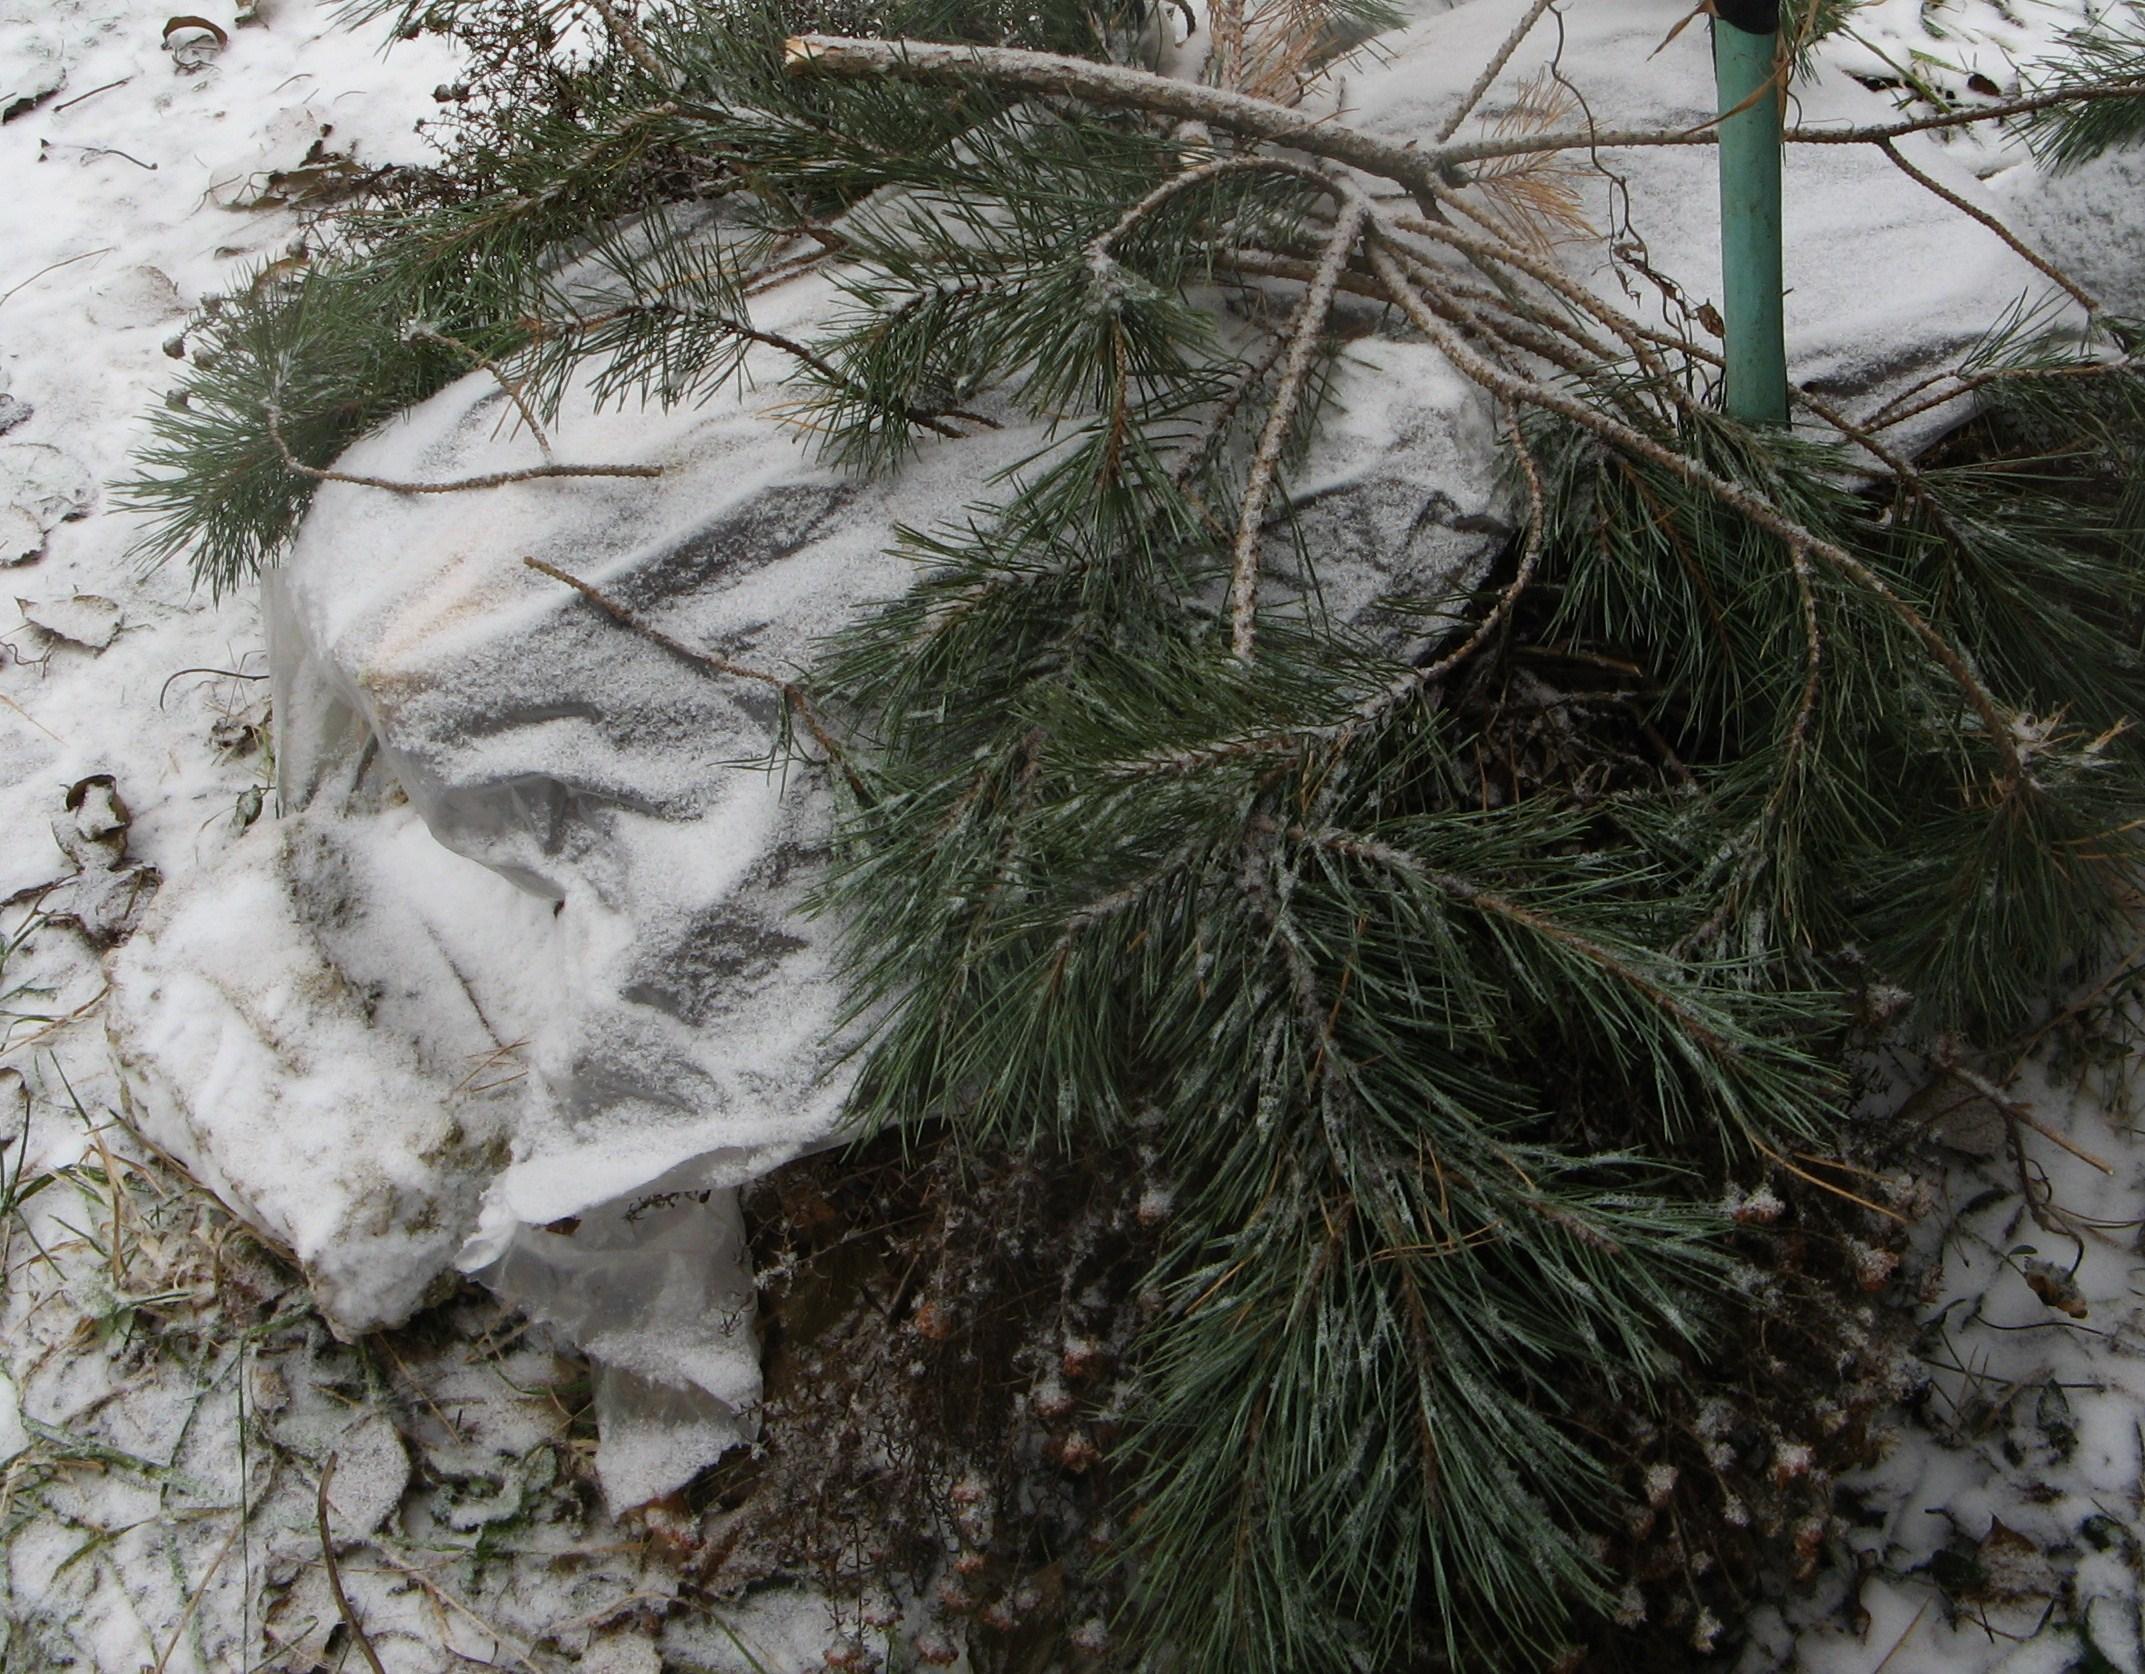 Уход за спиреей после цветения и осенью, подготовка к зиме: обрезка и укрытие